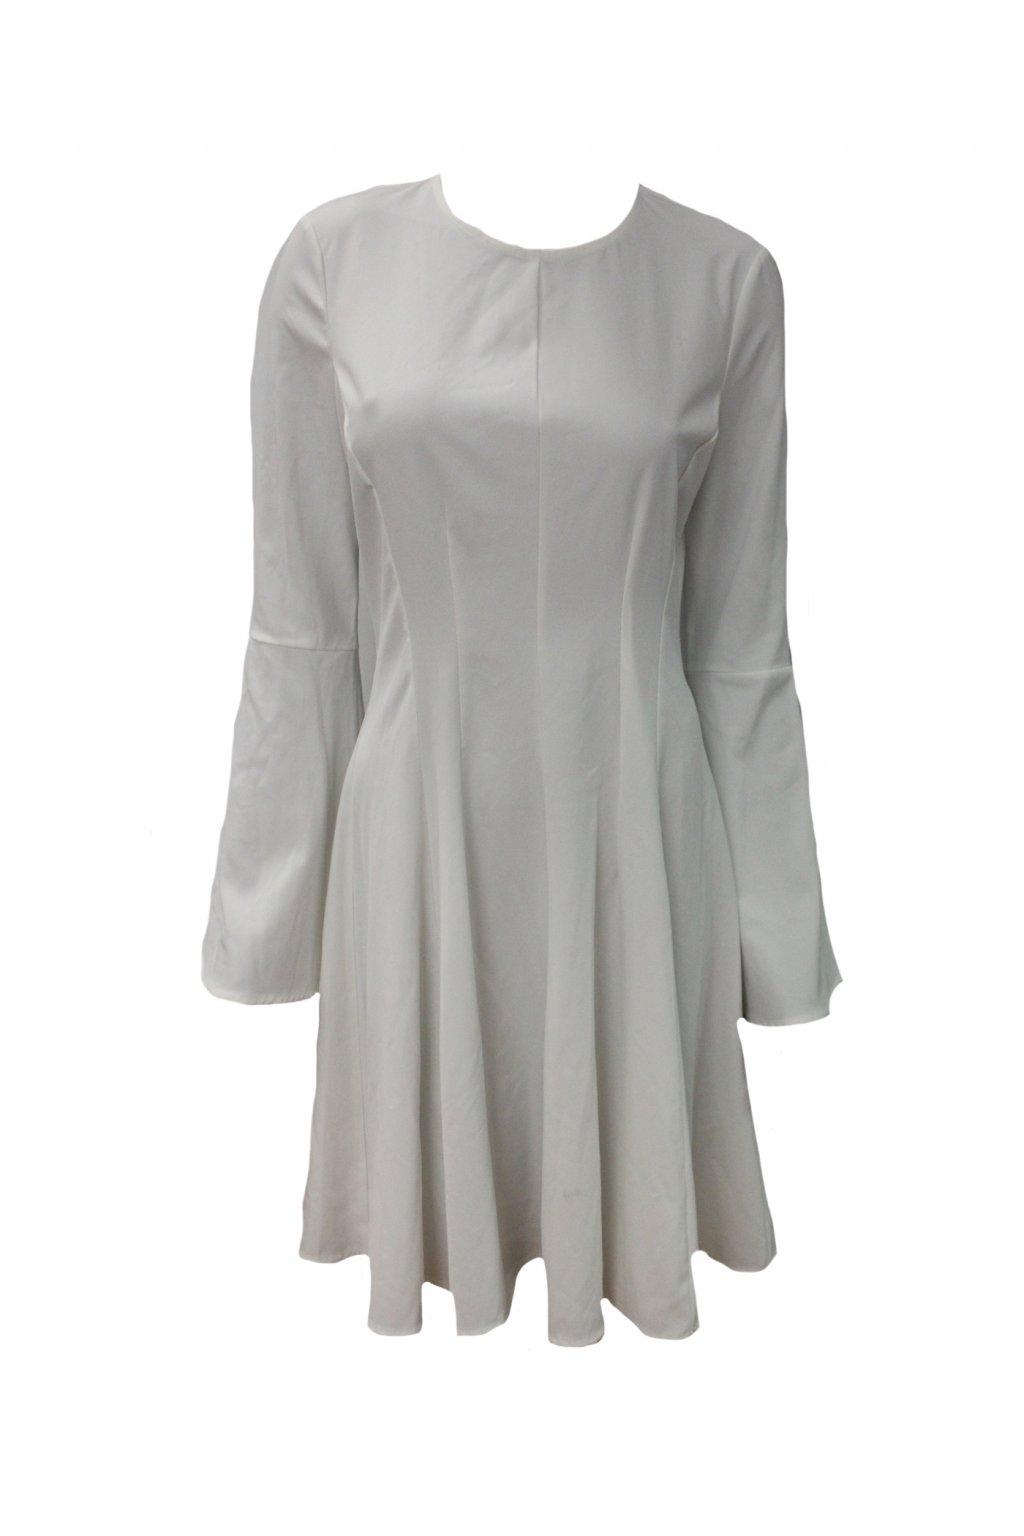 Dámské šaty Guess M71I55J1300-A000